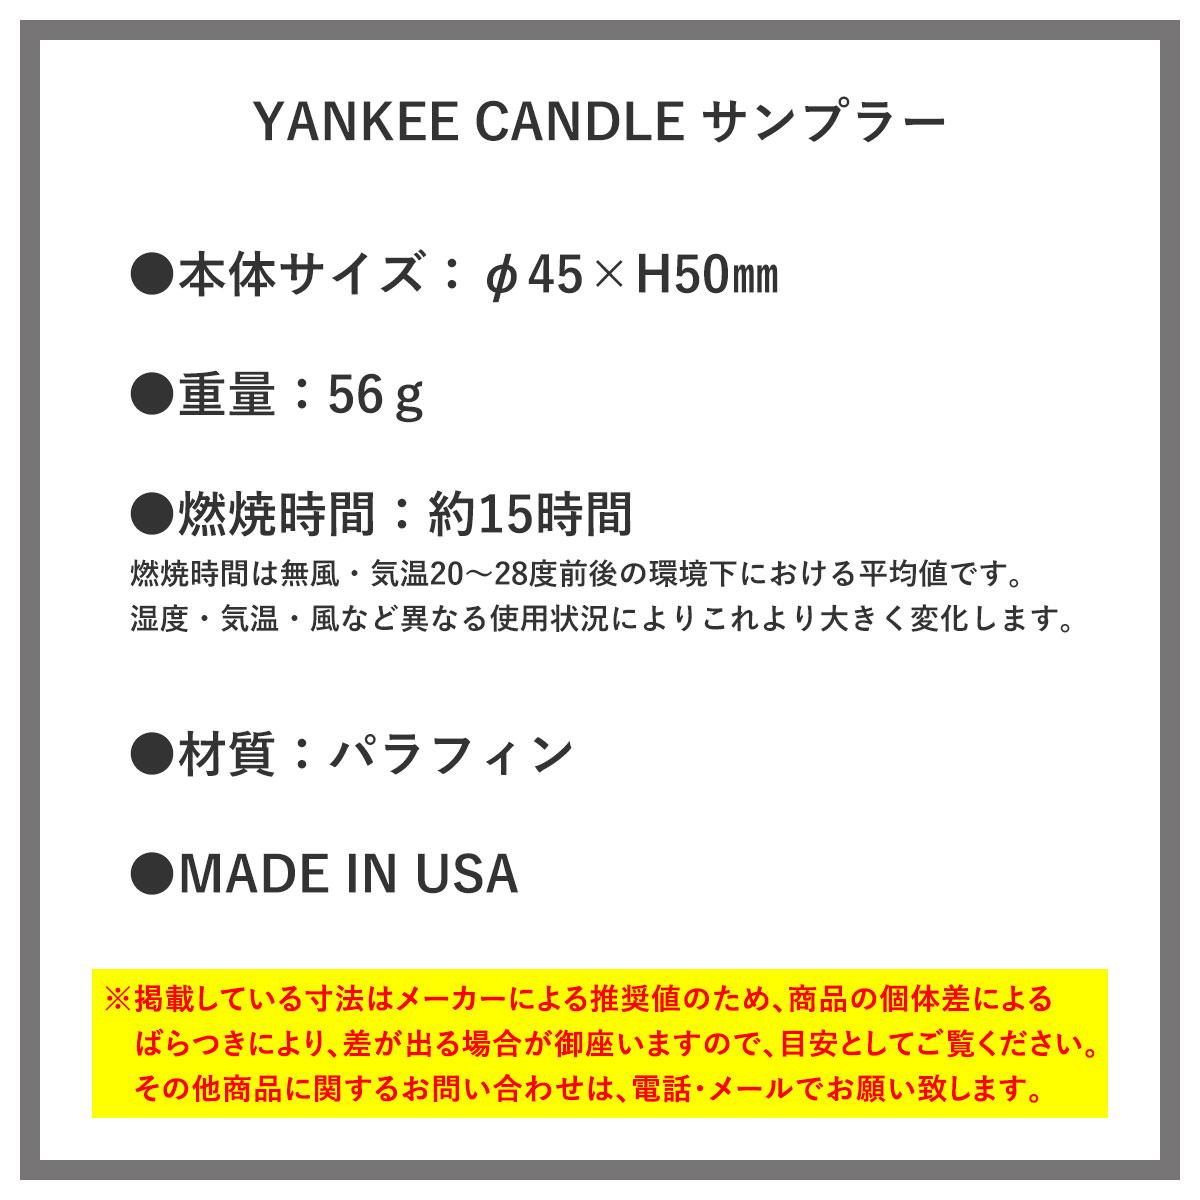 ヤンキーキャンドル YANKEE CANDLE 正規販売店 キャンドル YCサンプラー マッキントッシュ (K0010504) A49B B3C C3D D0E E00F